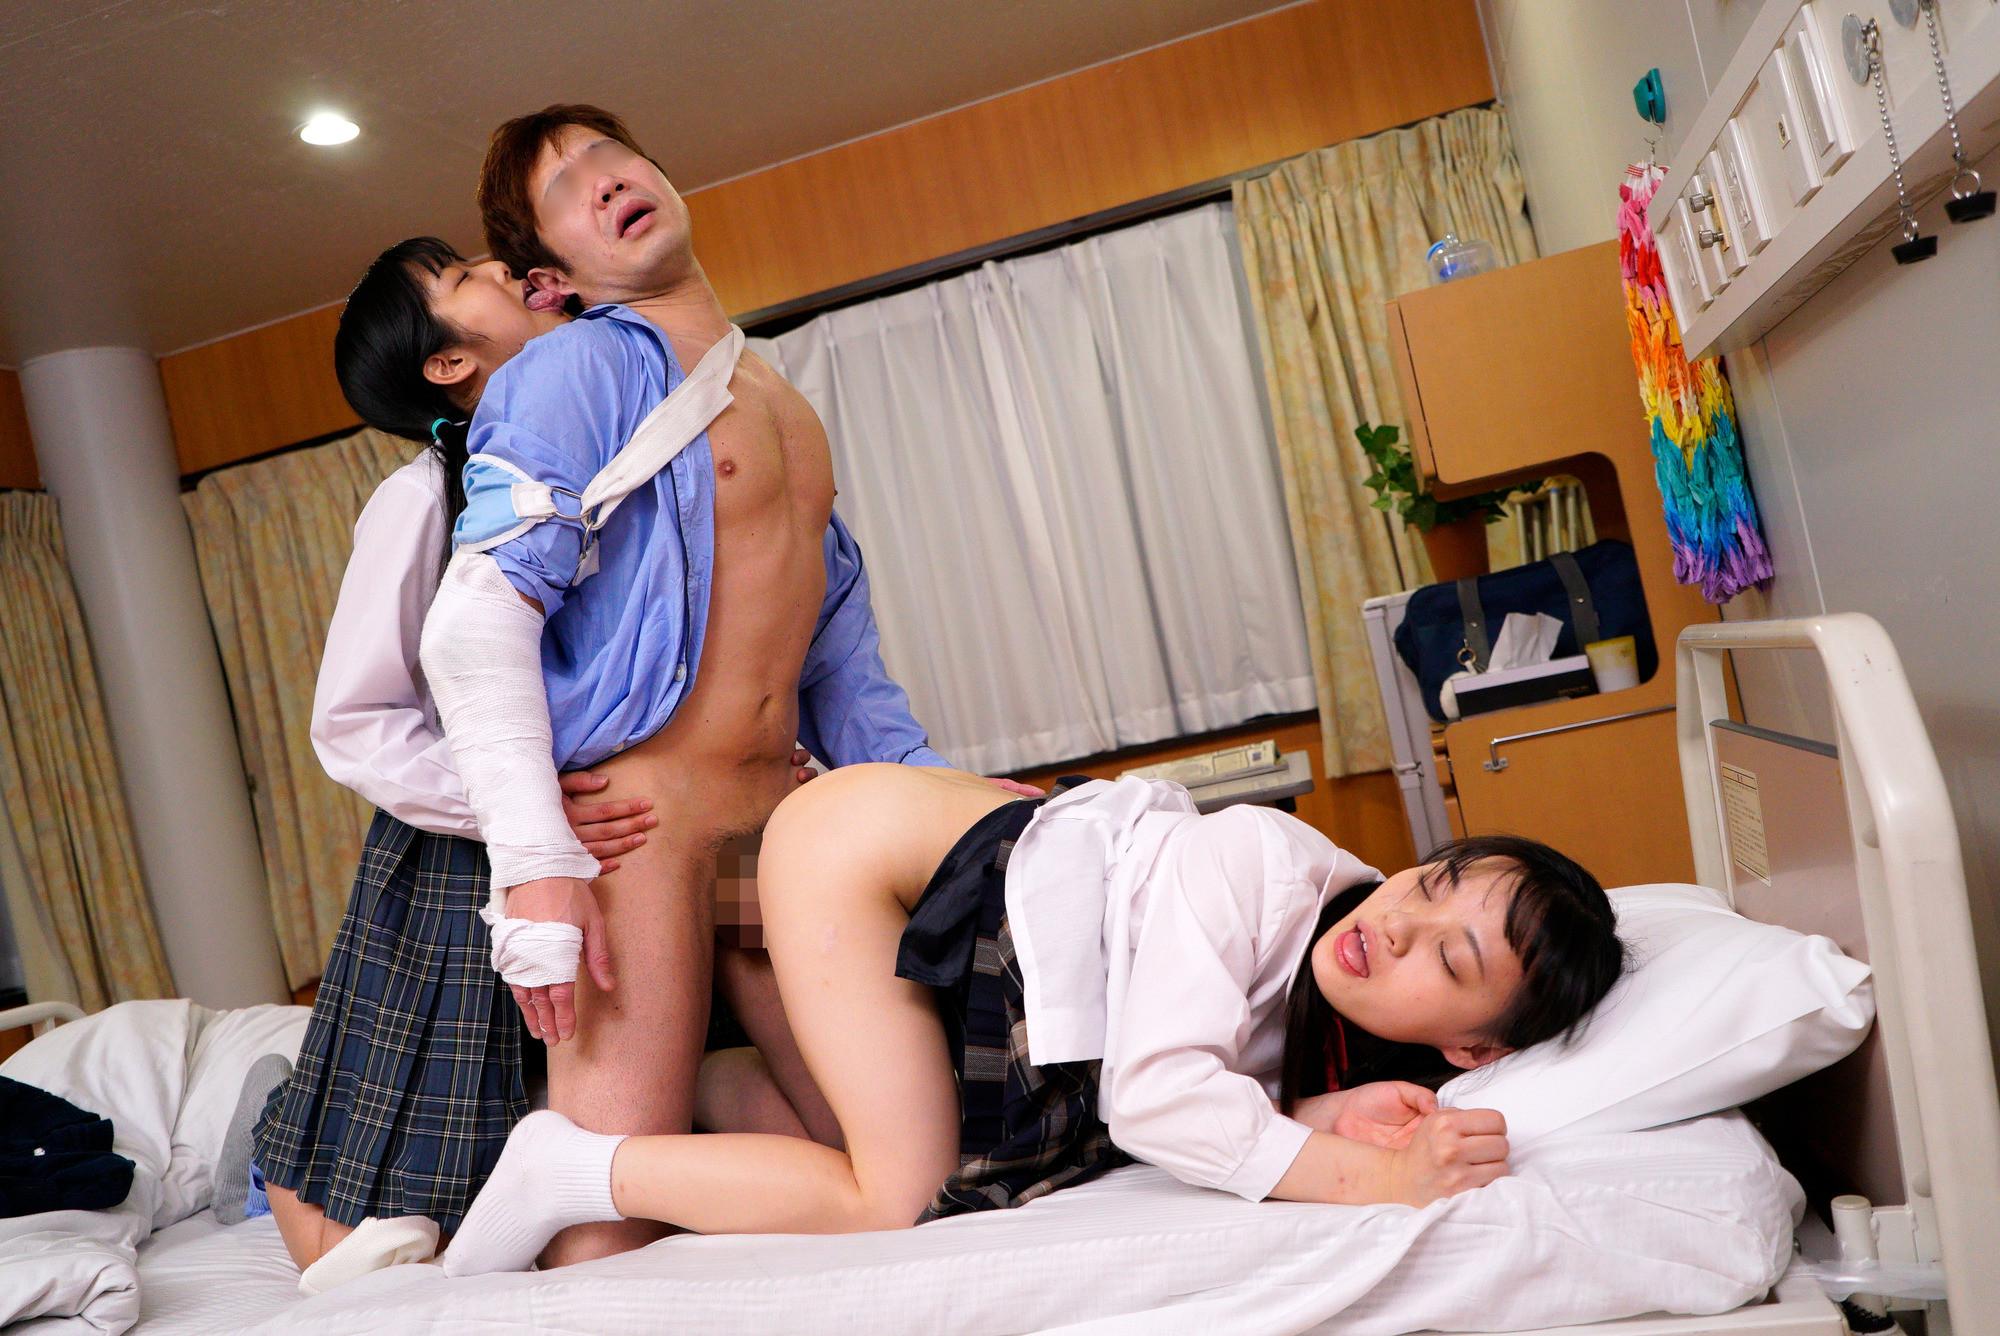 年上の兄が大好きな2人の妹は、兄が好きすぎて兄の全身を『舐めまわし誘惑』し、我慢できなくなった兄とイチャラブ3P生ハメセックス! 画像8